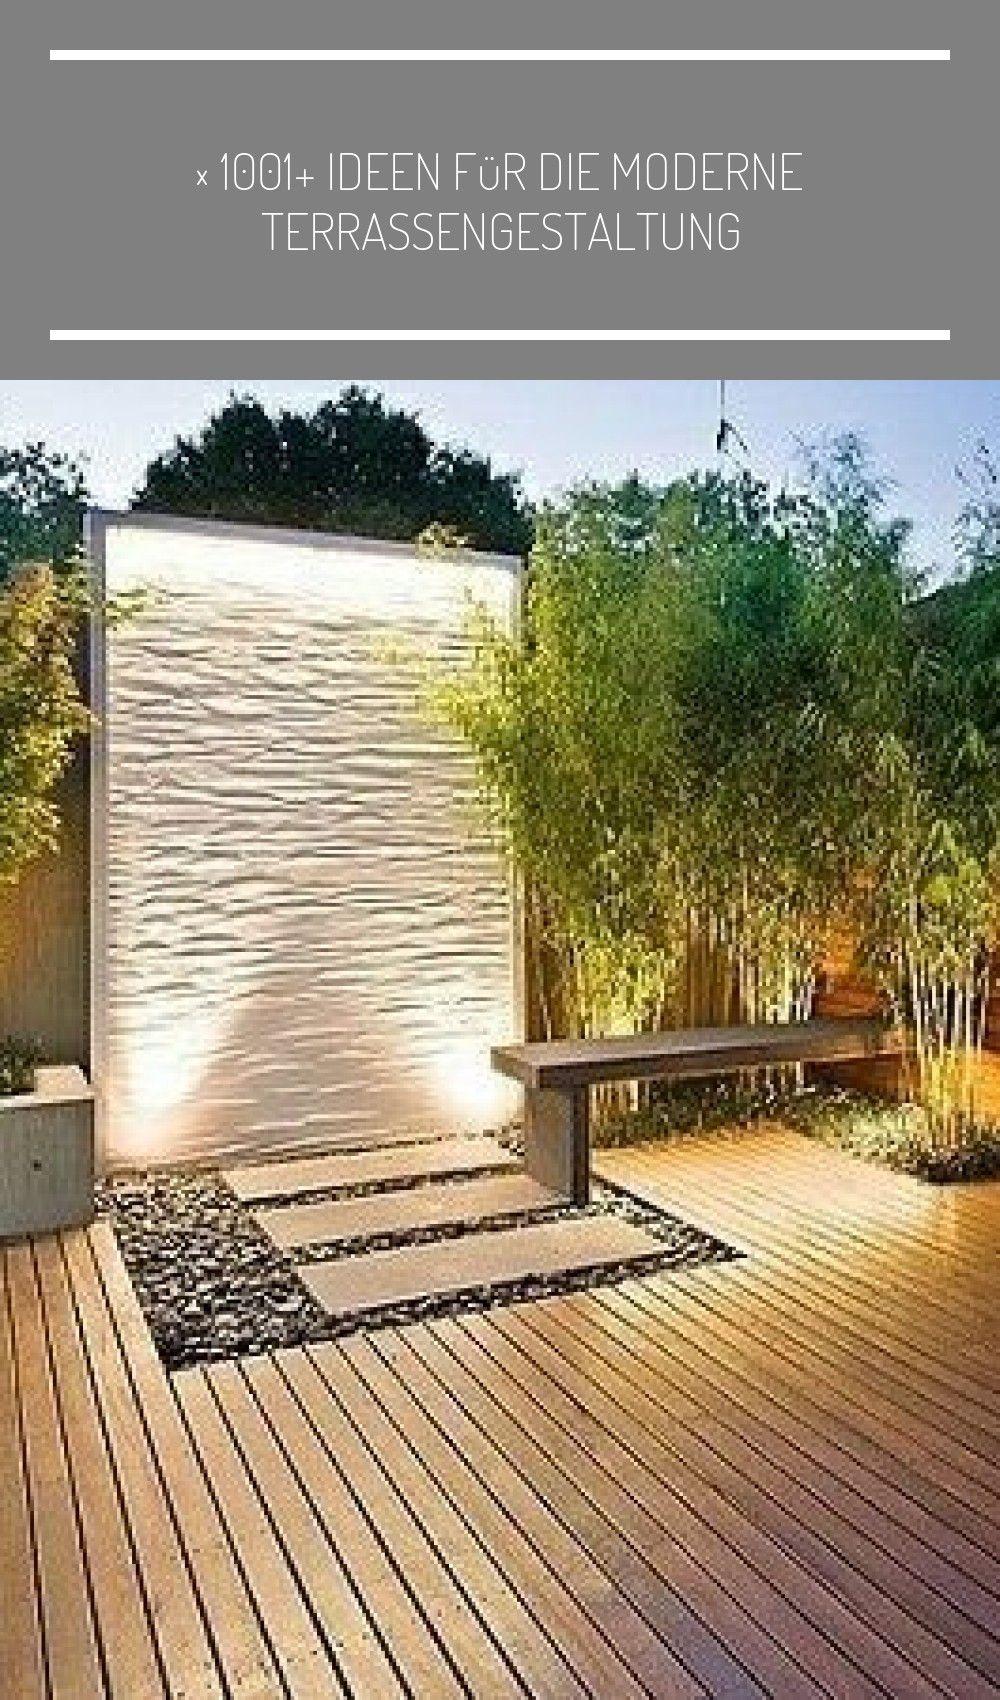 1001 Ideen Fur Die Moderne In 2020 Garden Wall Decor